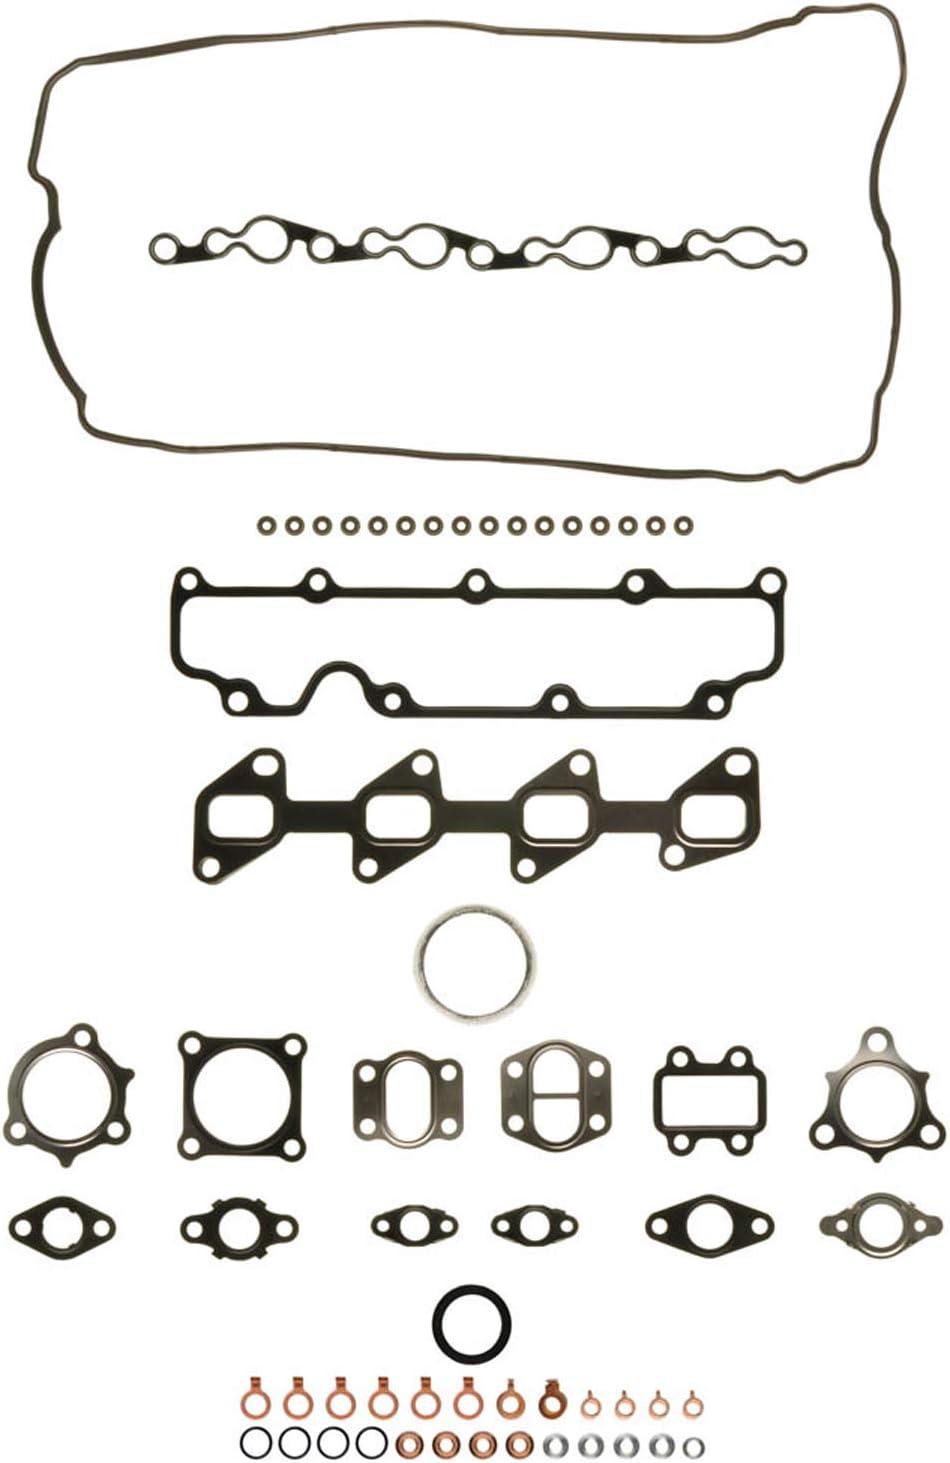 Ajusa 53026100 Gasket Set cylinder head